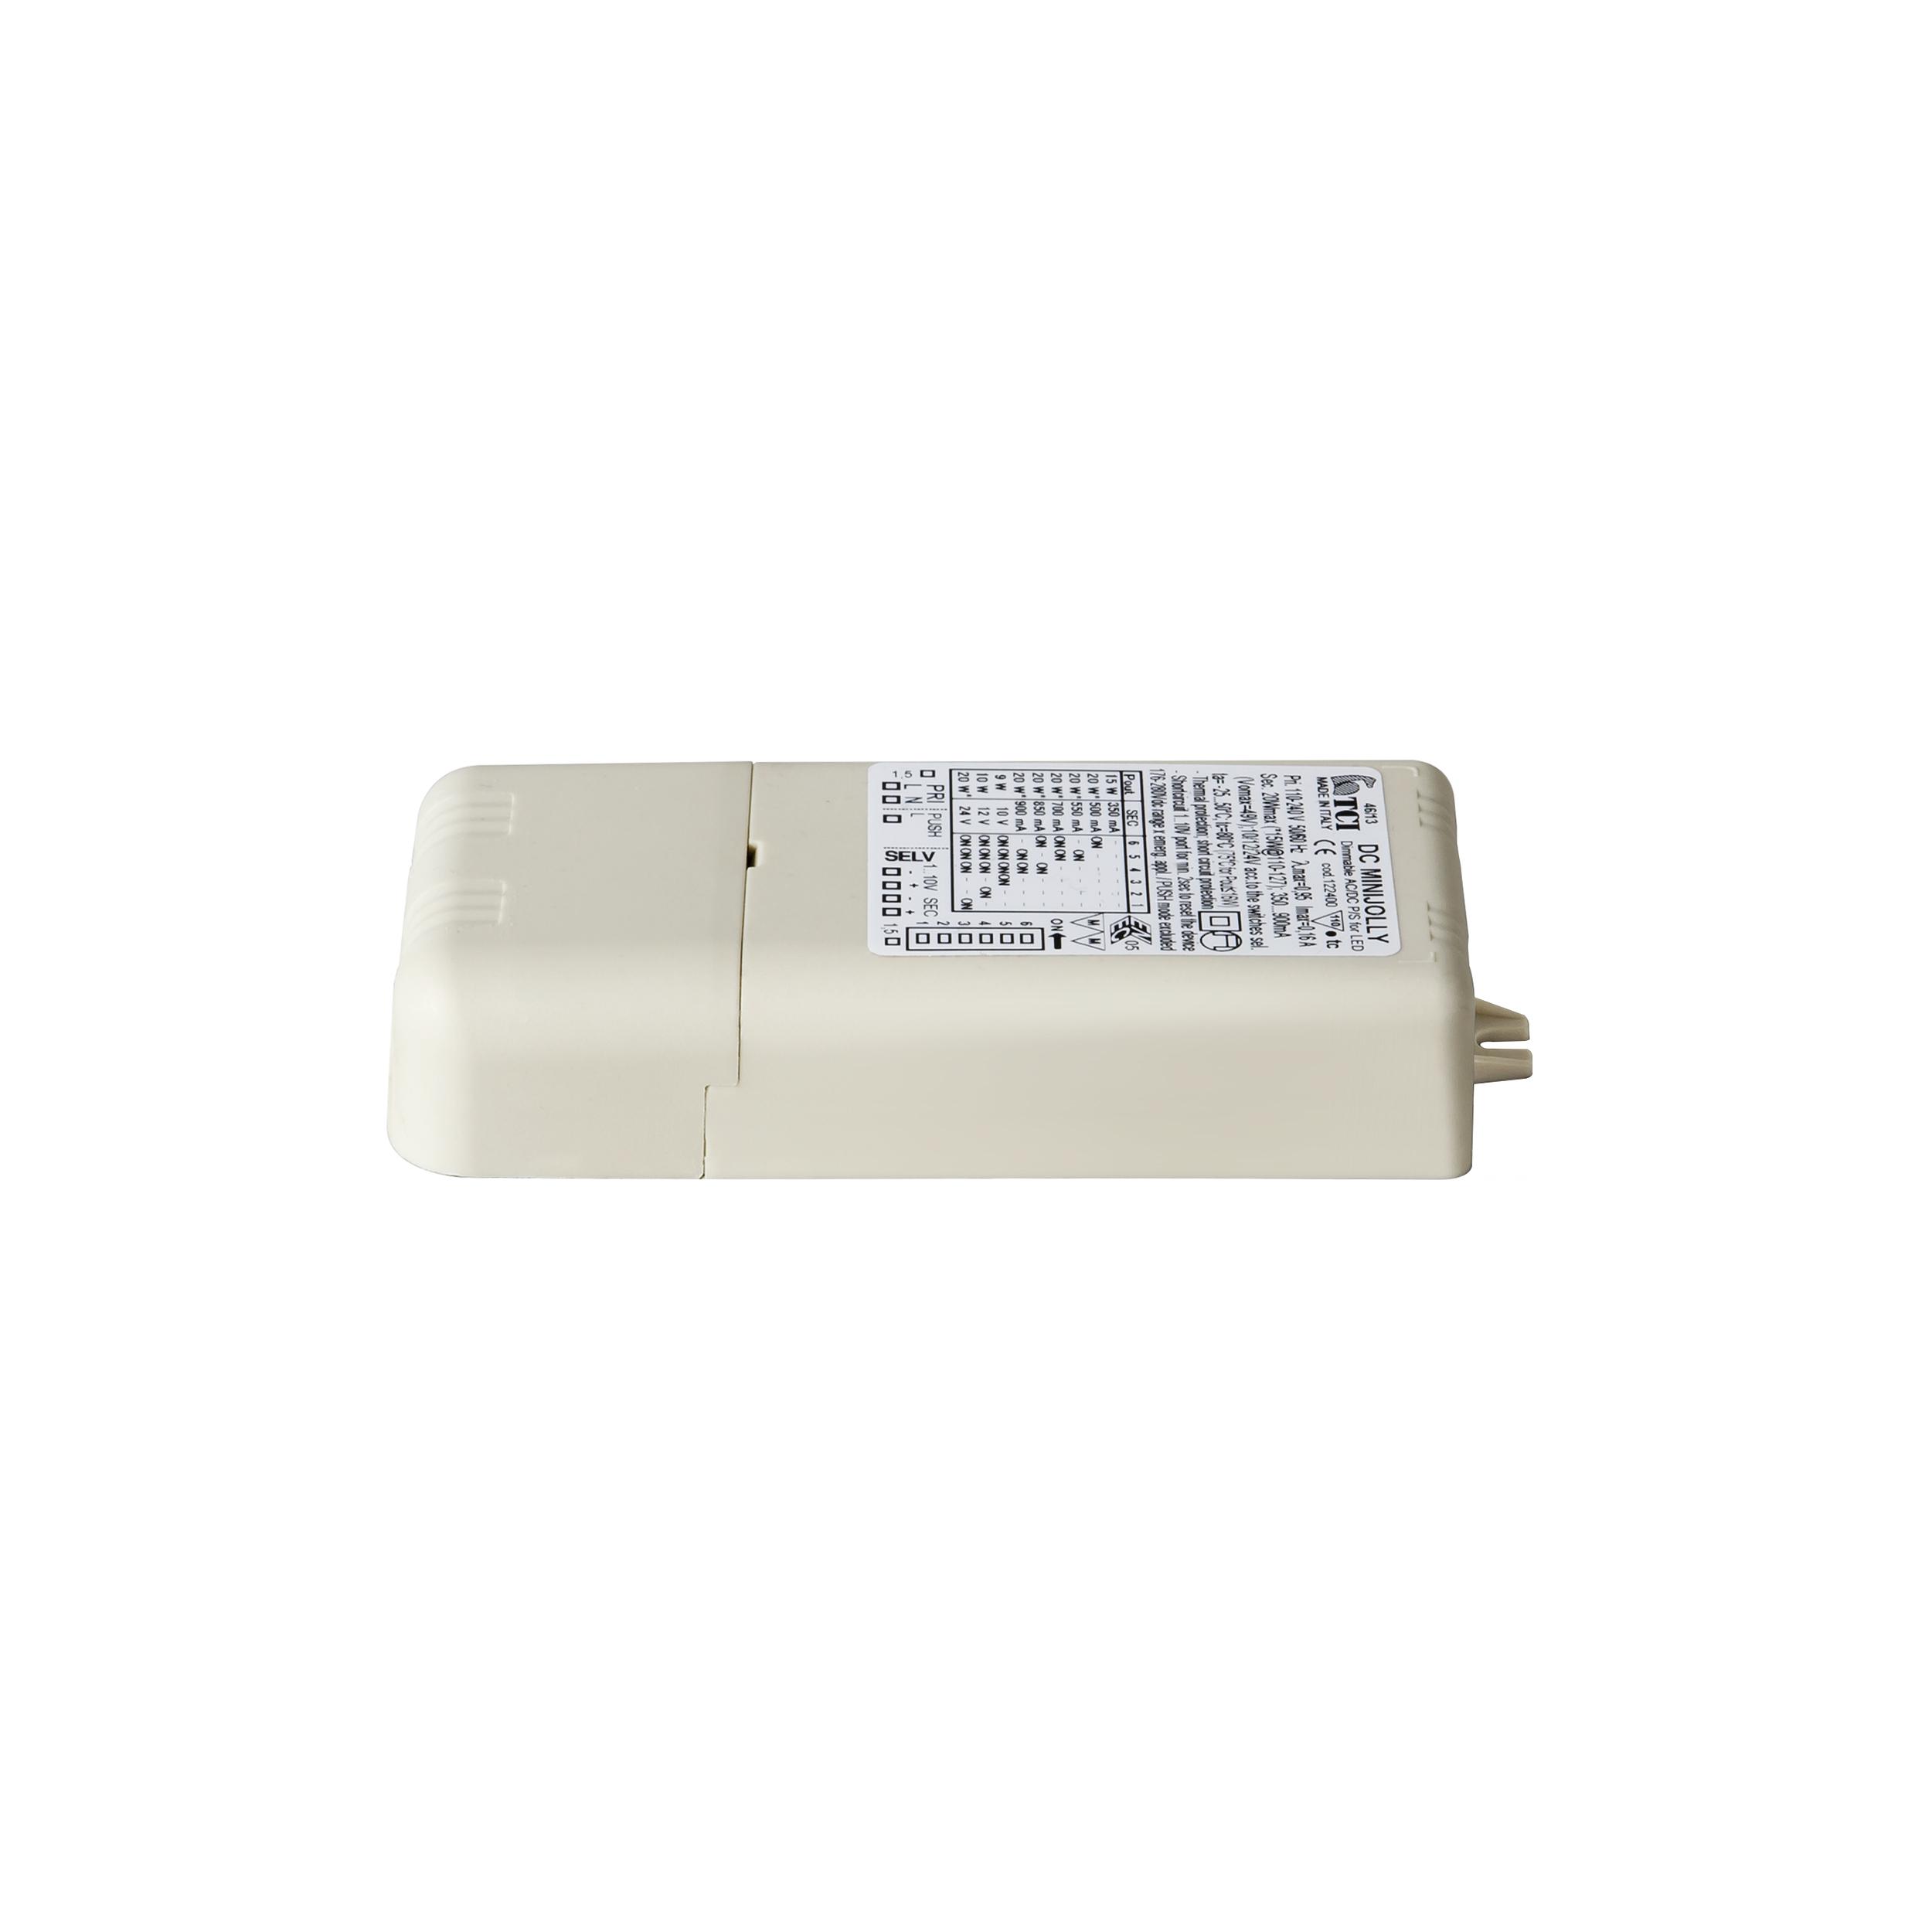 Драйвер Astro 6008058 (2126) 2-43V, гарантия нет гарантии - фото 1